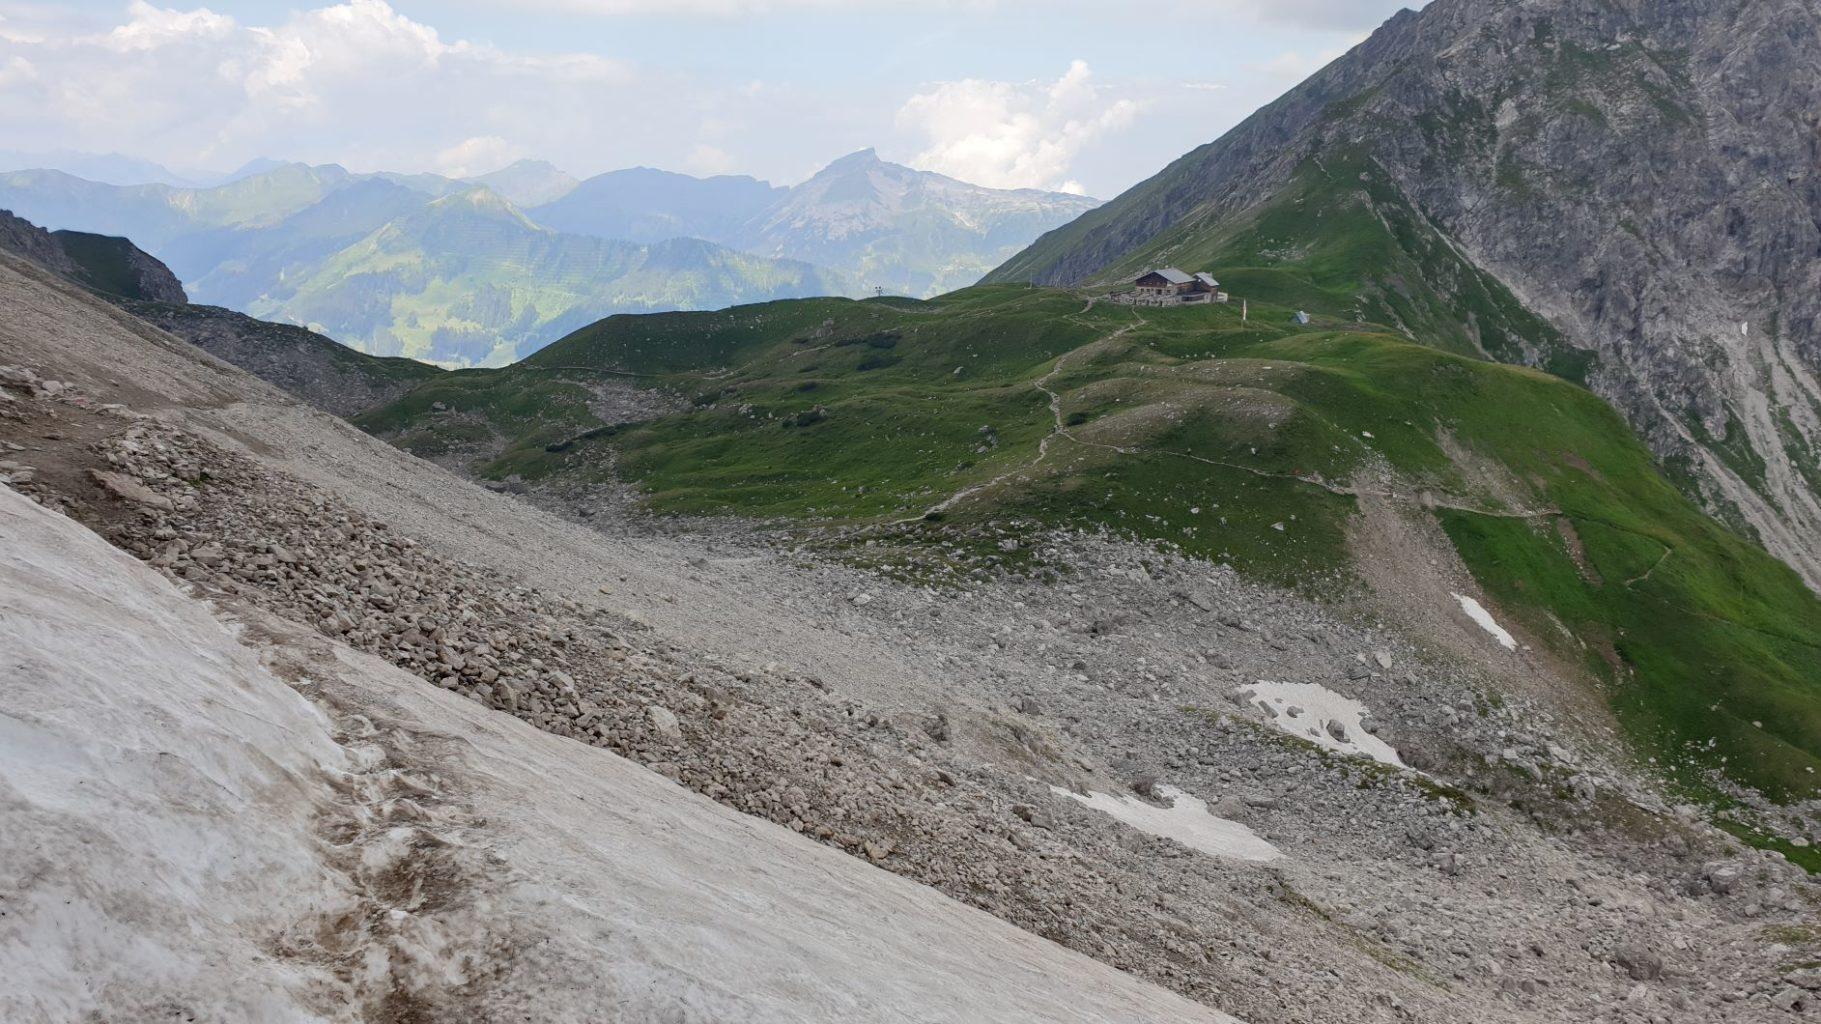 Schneefeld mit Blick auf die Fiderepasshütte auf dem Weg zum Einstieg des Mindelheimer Klettersteigs